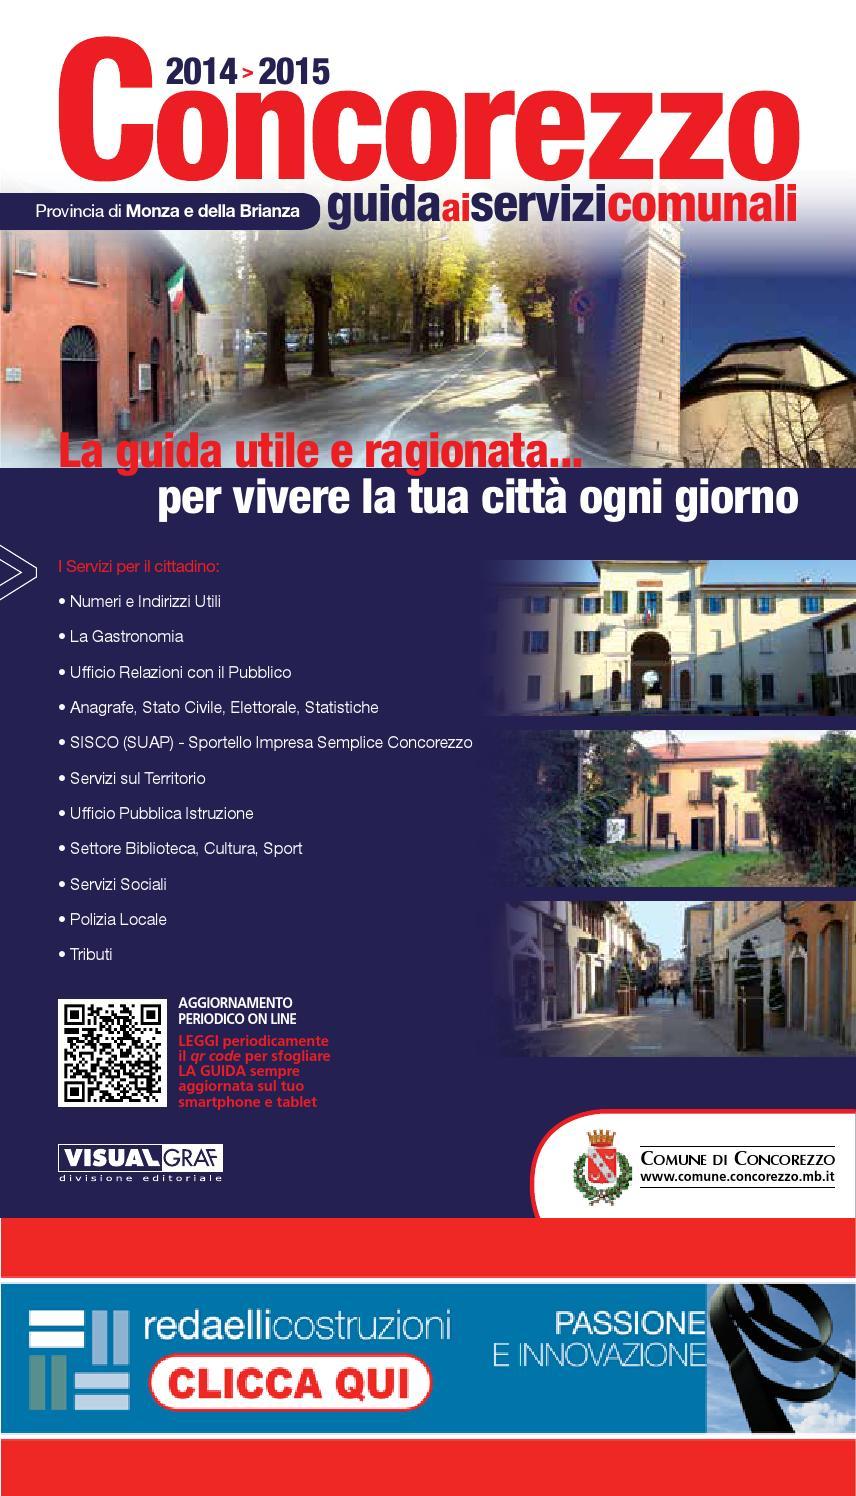 Immobiliare Sant Andrea Concorezzo concorezzo guida 2014-2015 by visualgraf - issuu